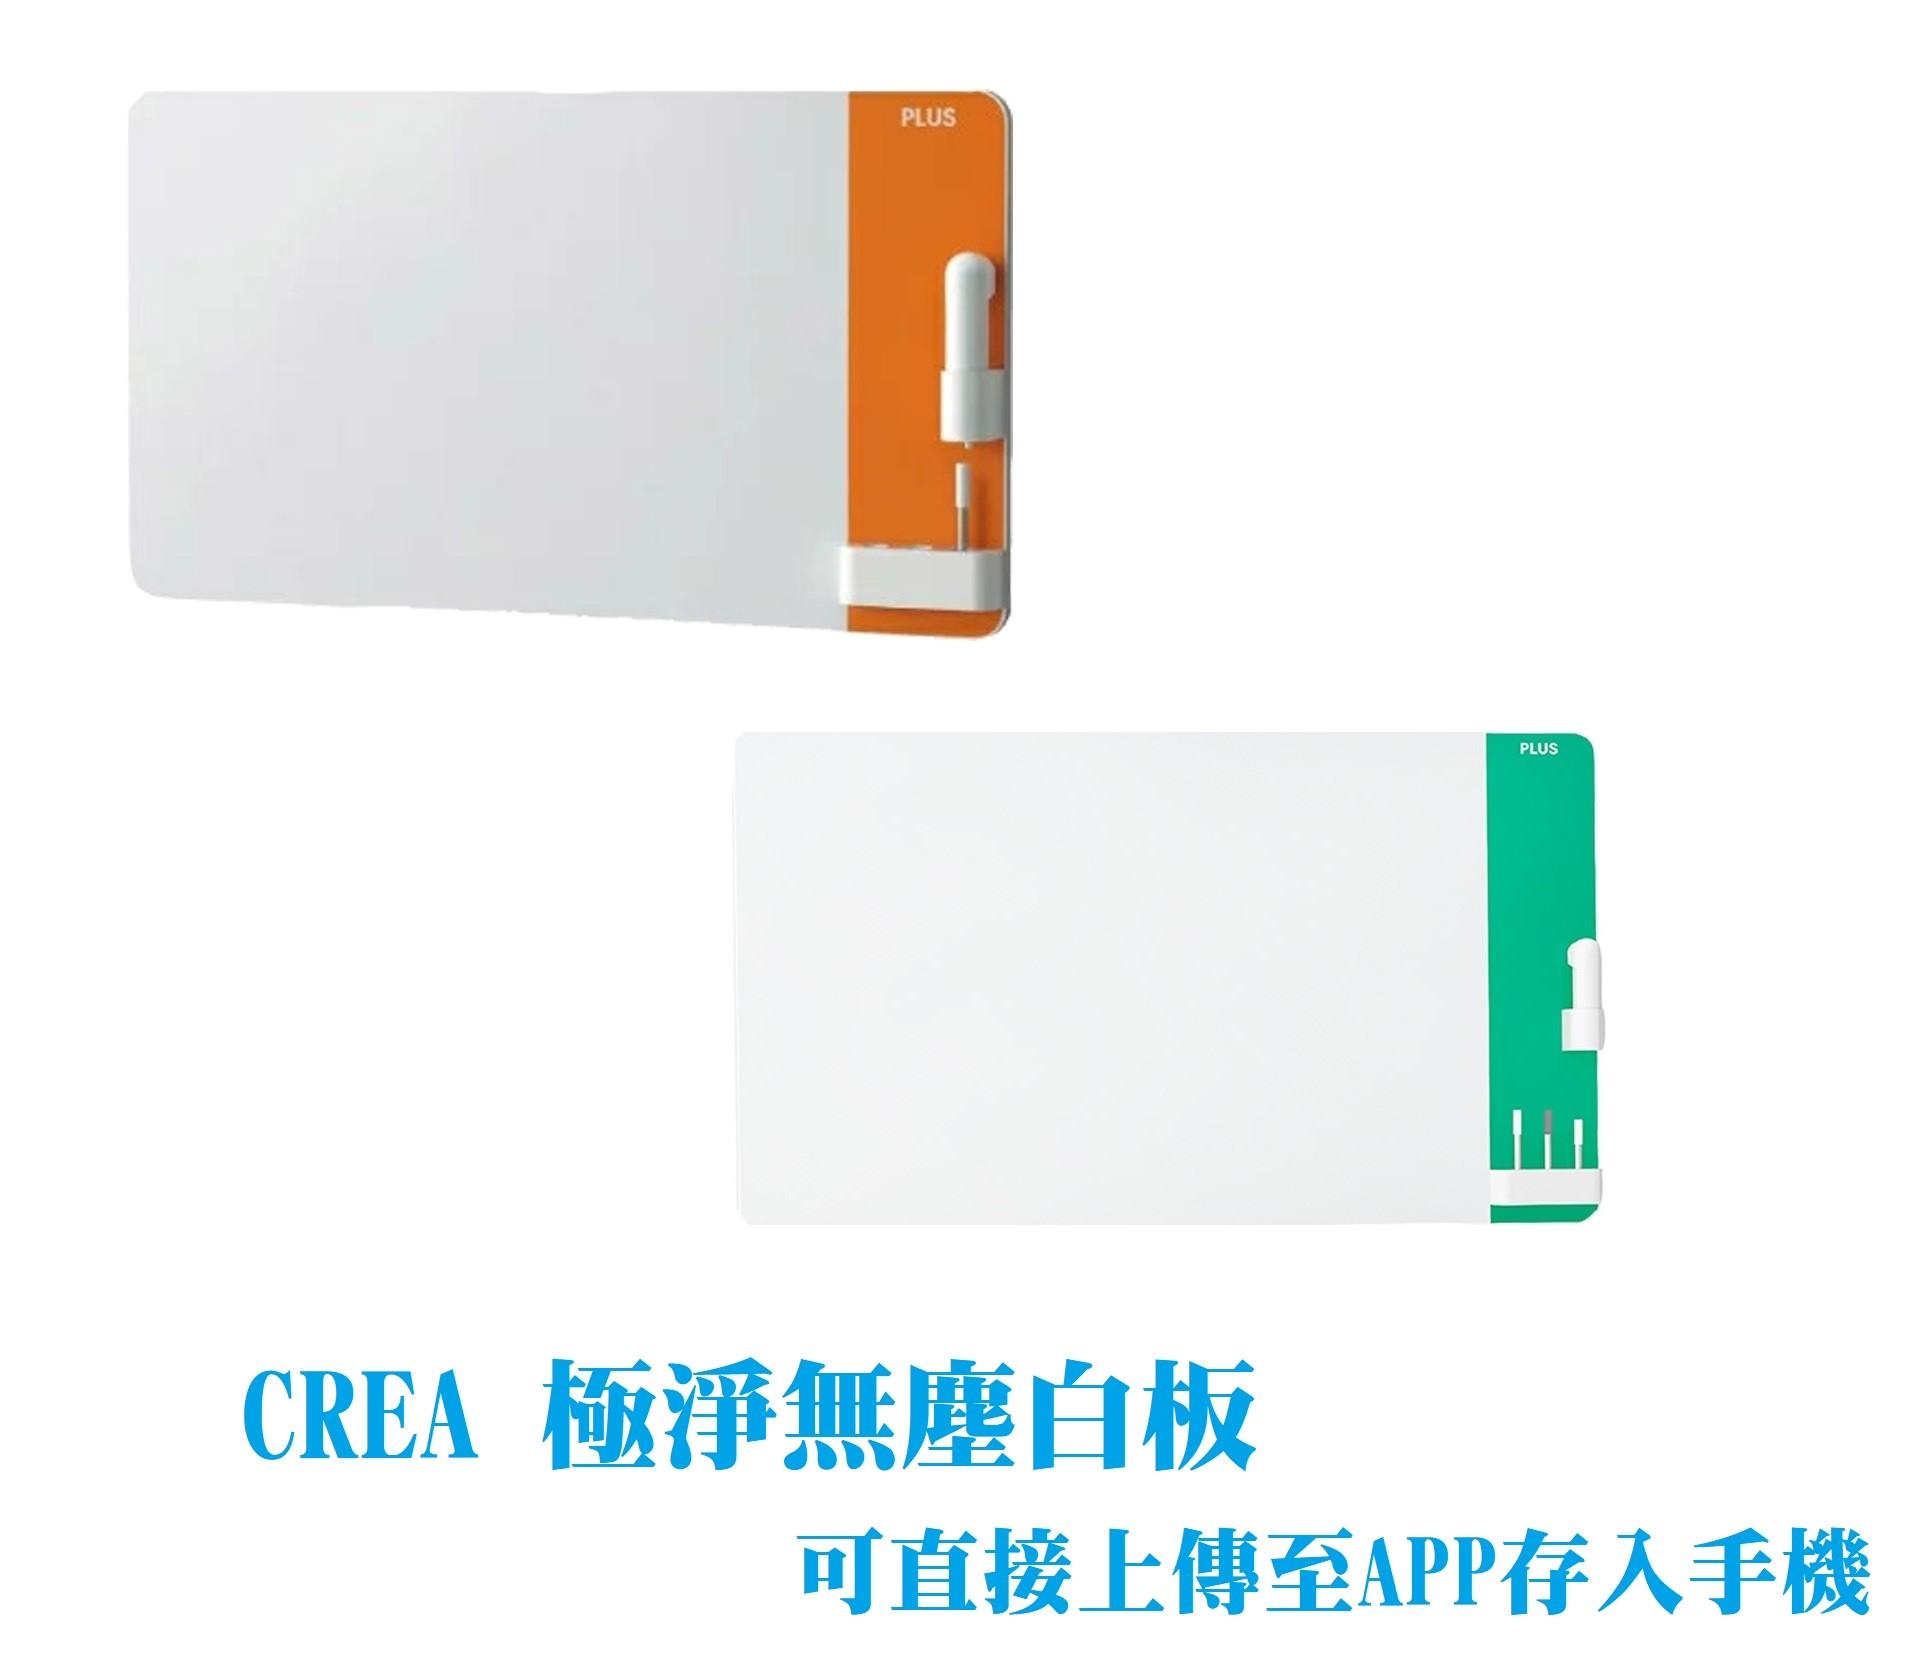 【芥菜籽文具】//PLUS 普樂士//CREA極淨無塵白板 CLBK-0906EM-OR-TW (60*90cm) 橘色